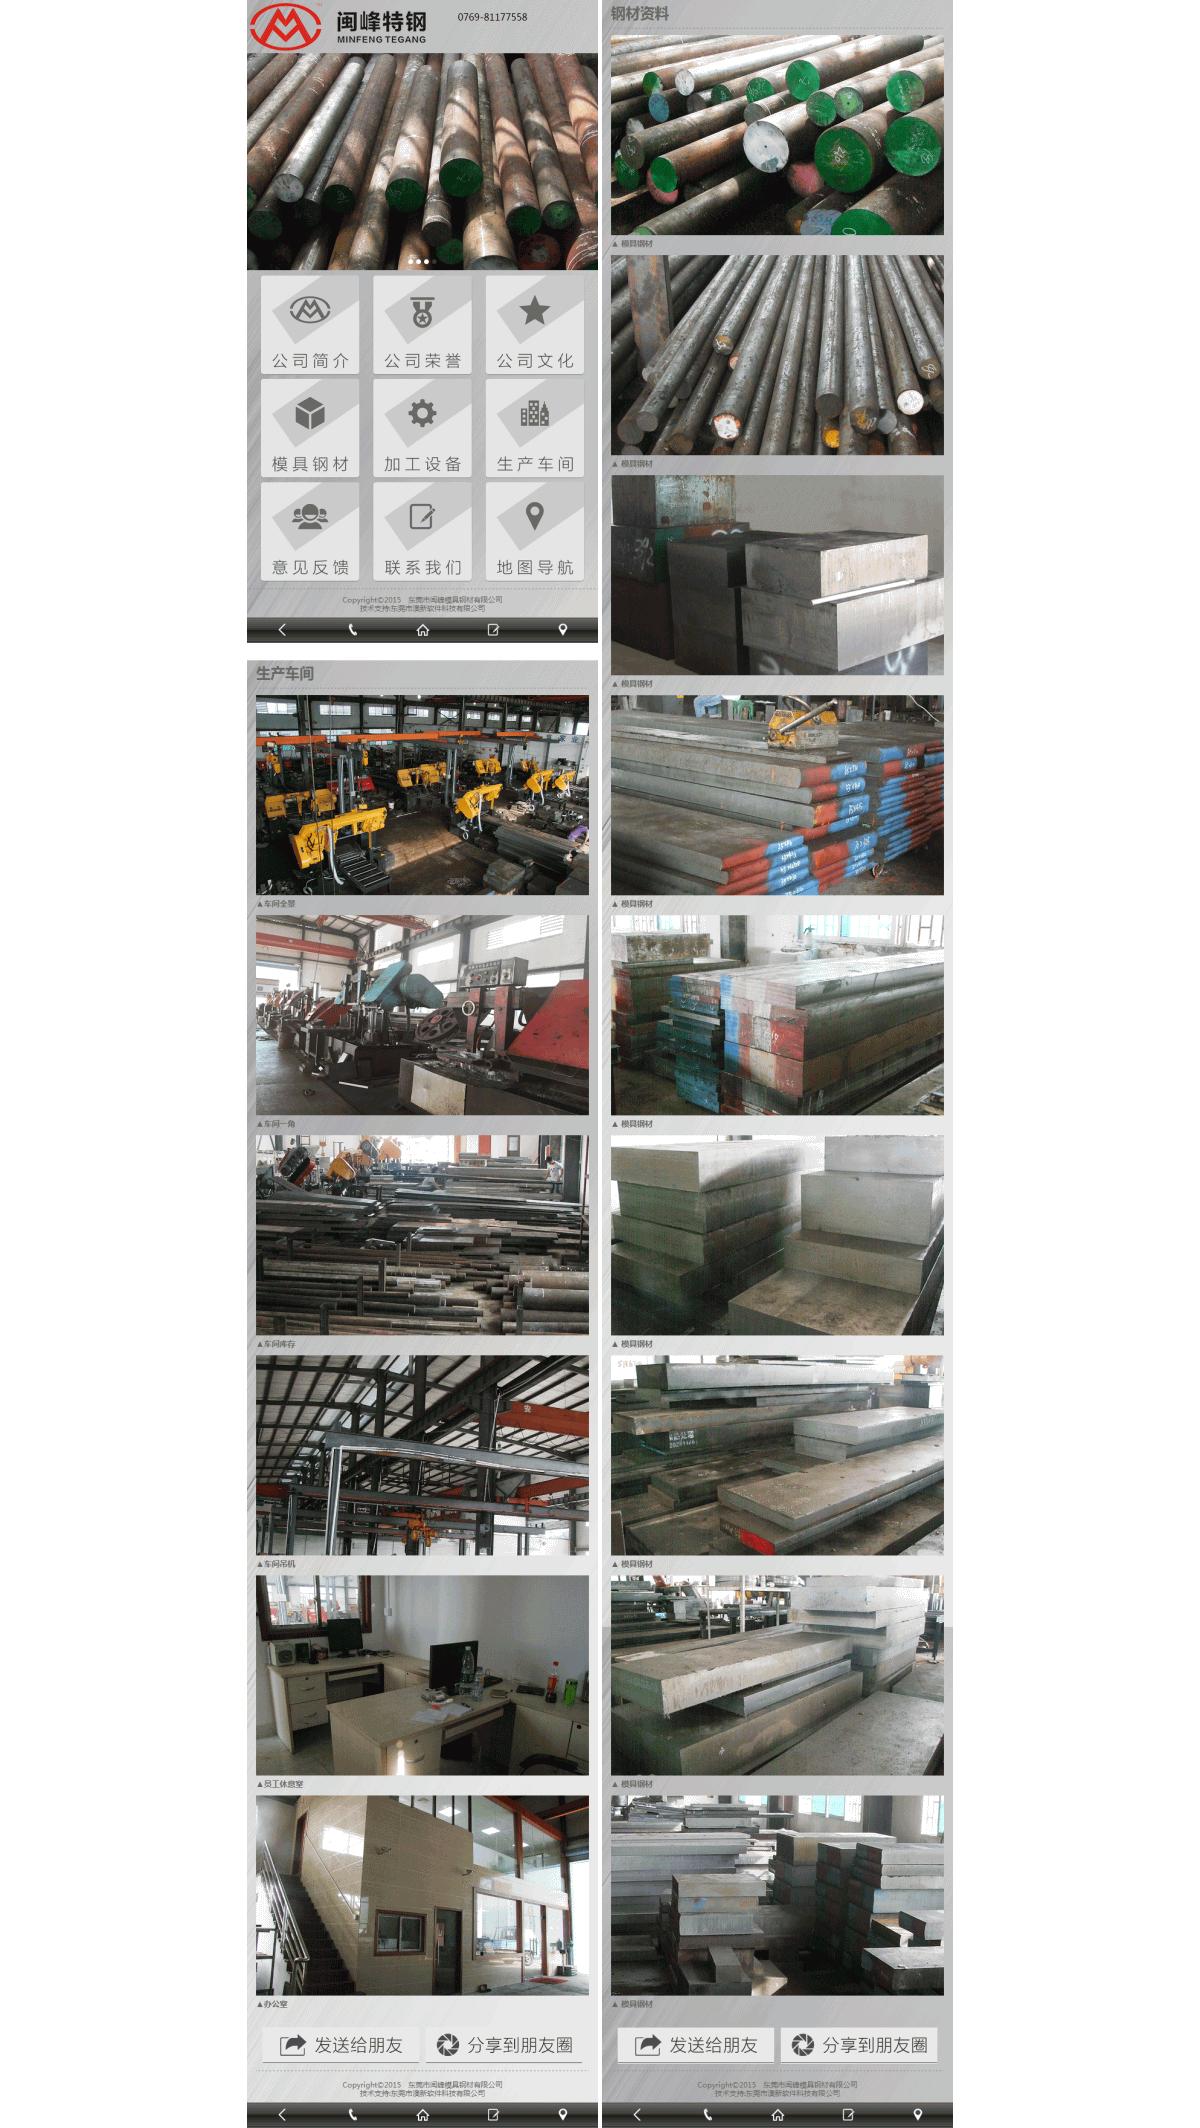 钢材行业ERP系统,钢材加工ERP